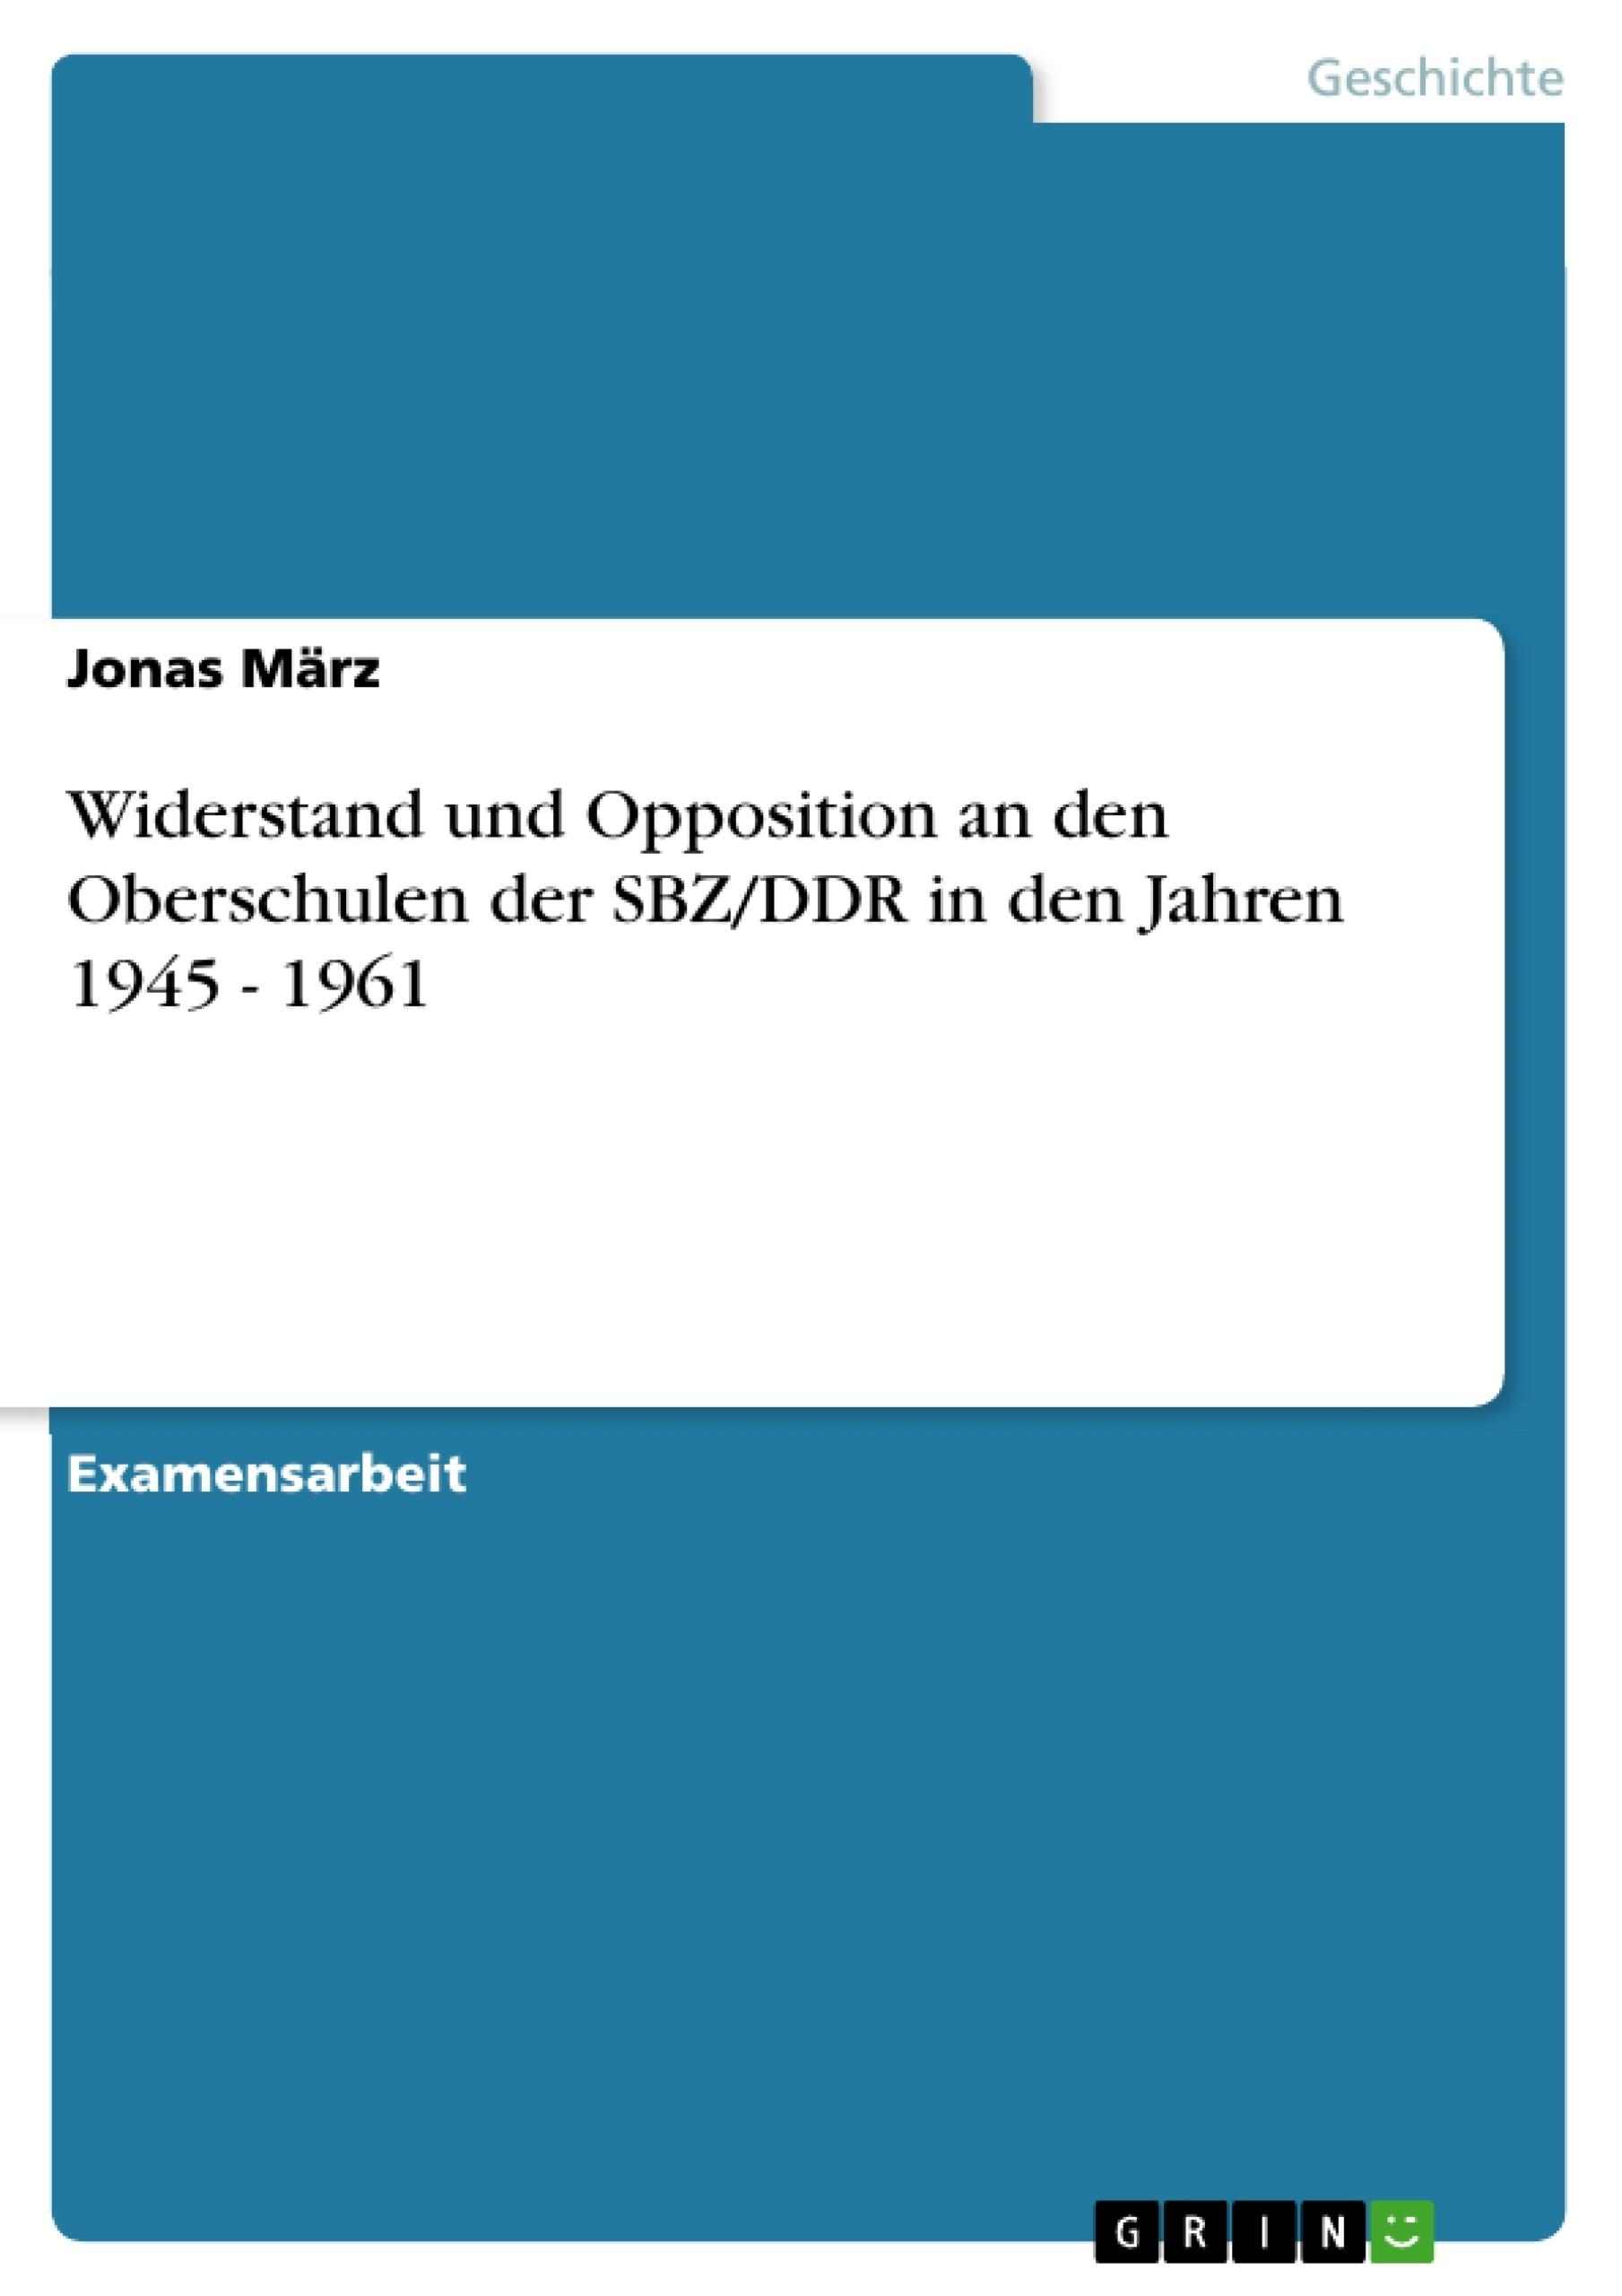 Titel: Widerstand und Opposition an den Oberschulen der SBZ/DDR in den Jahren 1945 - 1961